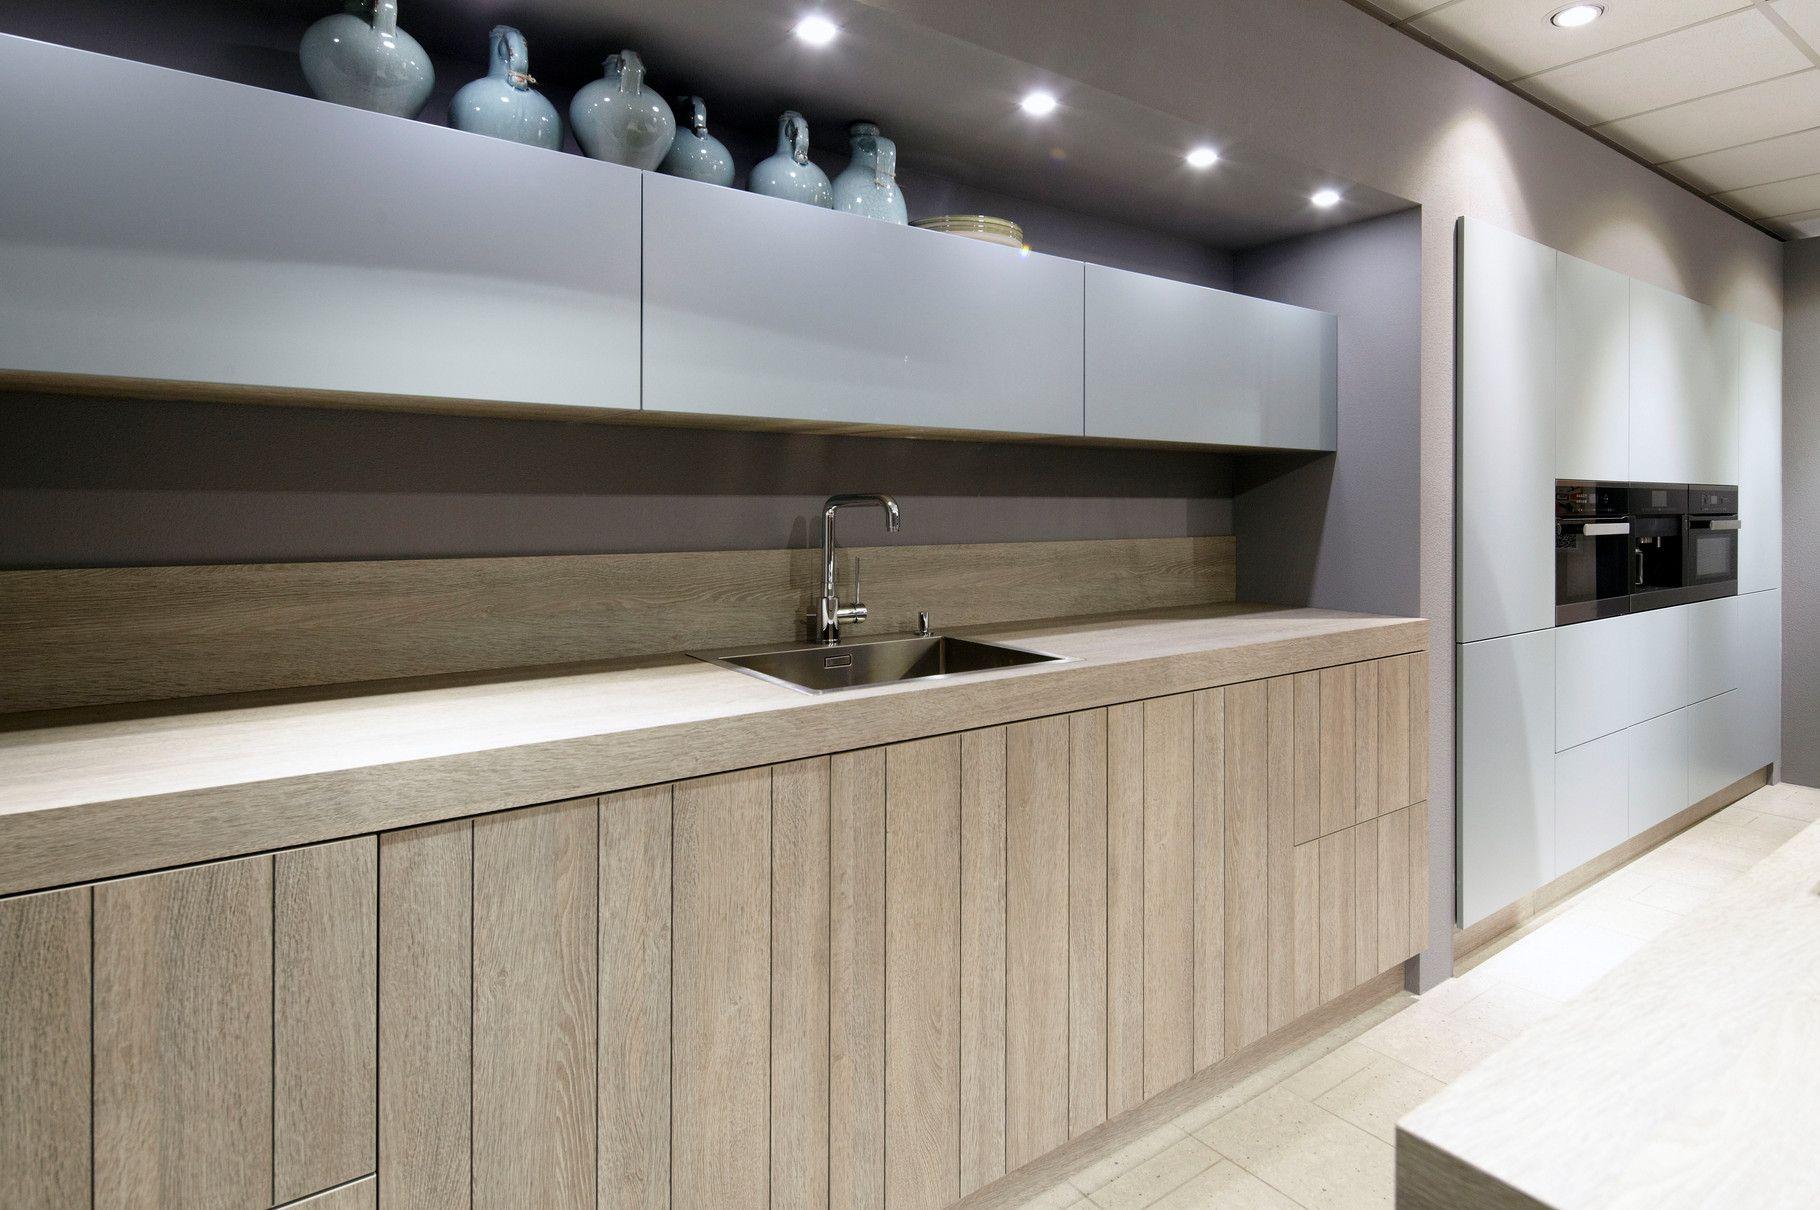 Cuisine Interieur Design Toulouse Agencement Et Amenagement